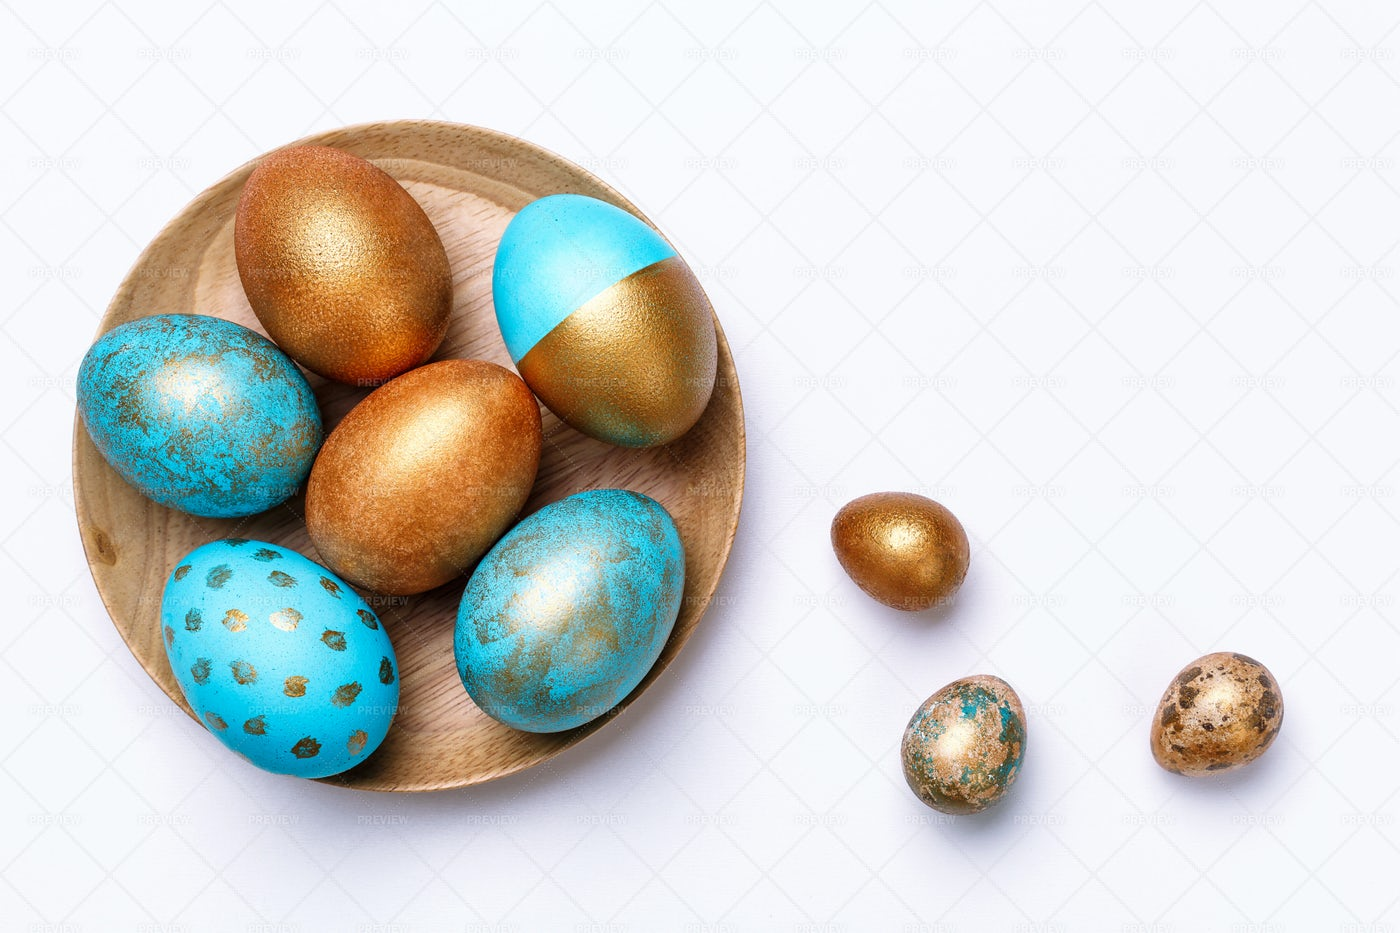 Shining Easter Eggs: Stock Photos